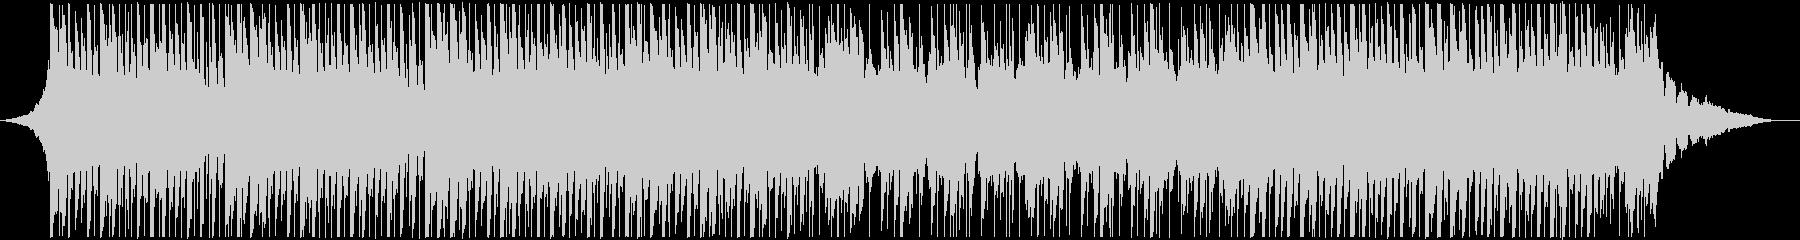 メディカルコーポレート(中)の未再生の波形